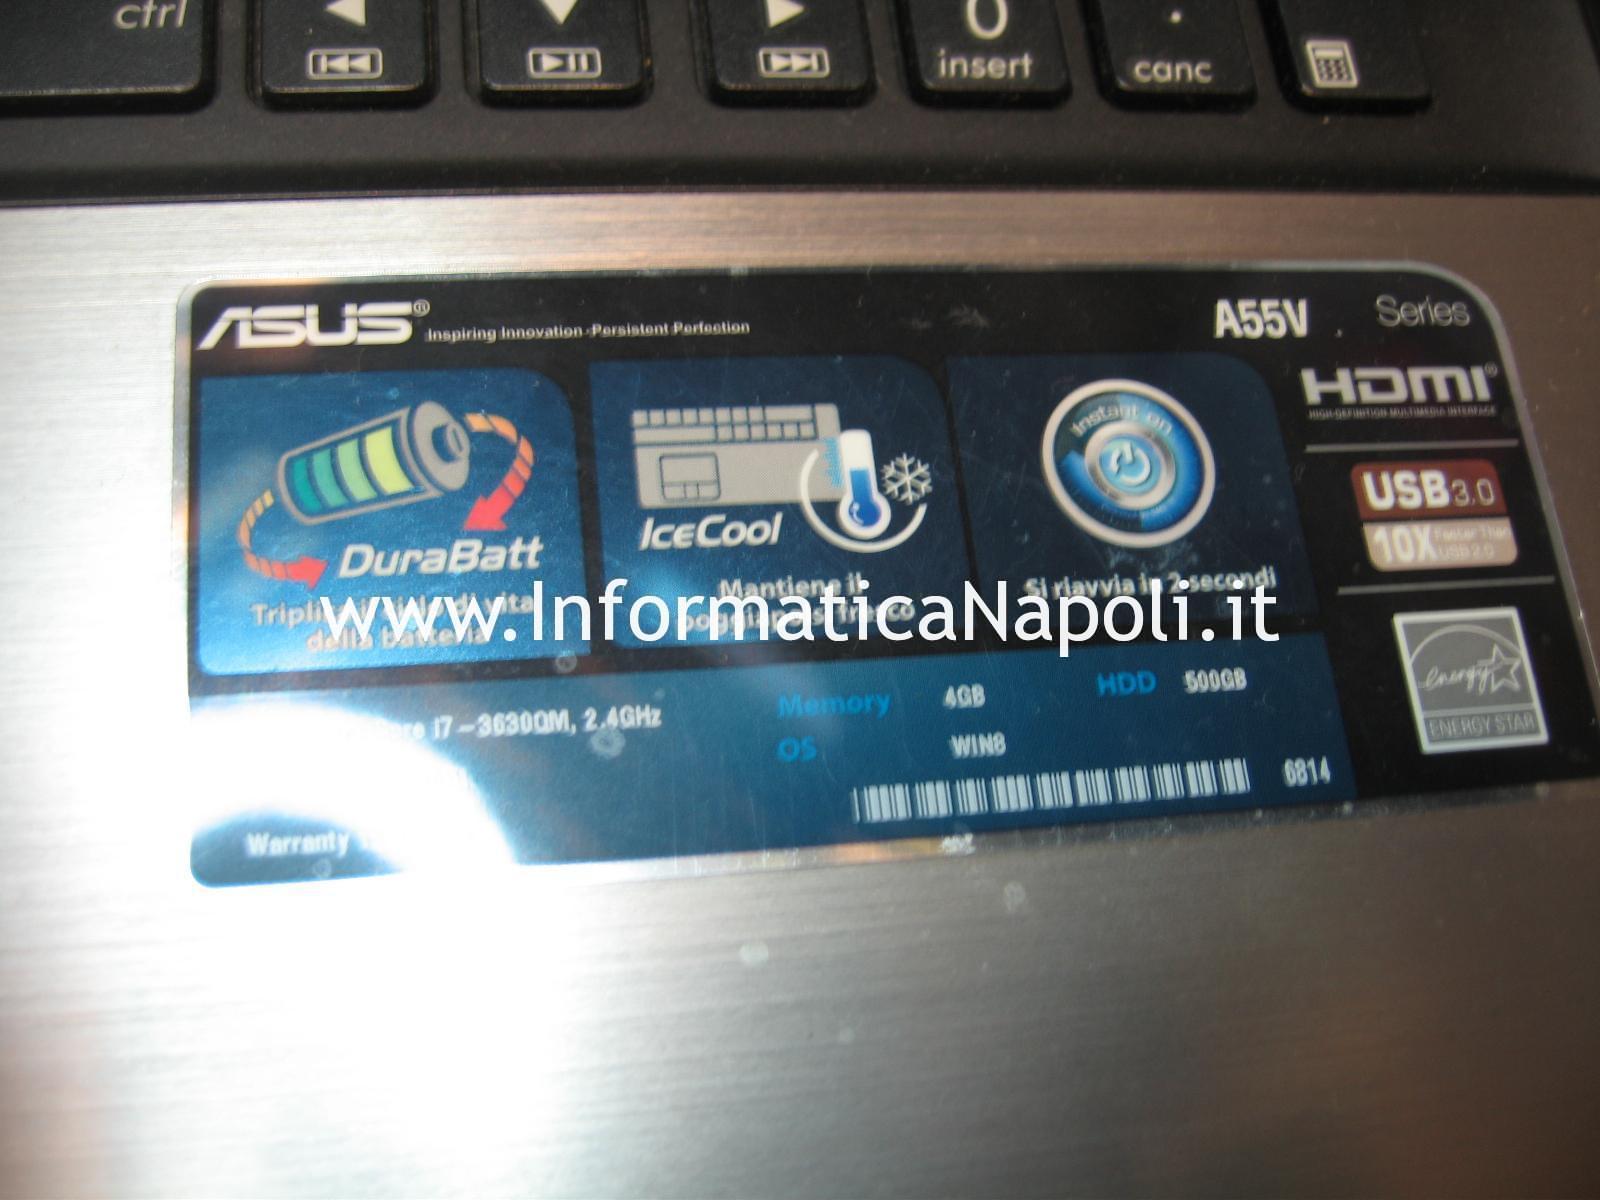 Problema schermo nero ASUS A55V K55VD A55VD SX400H